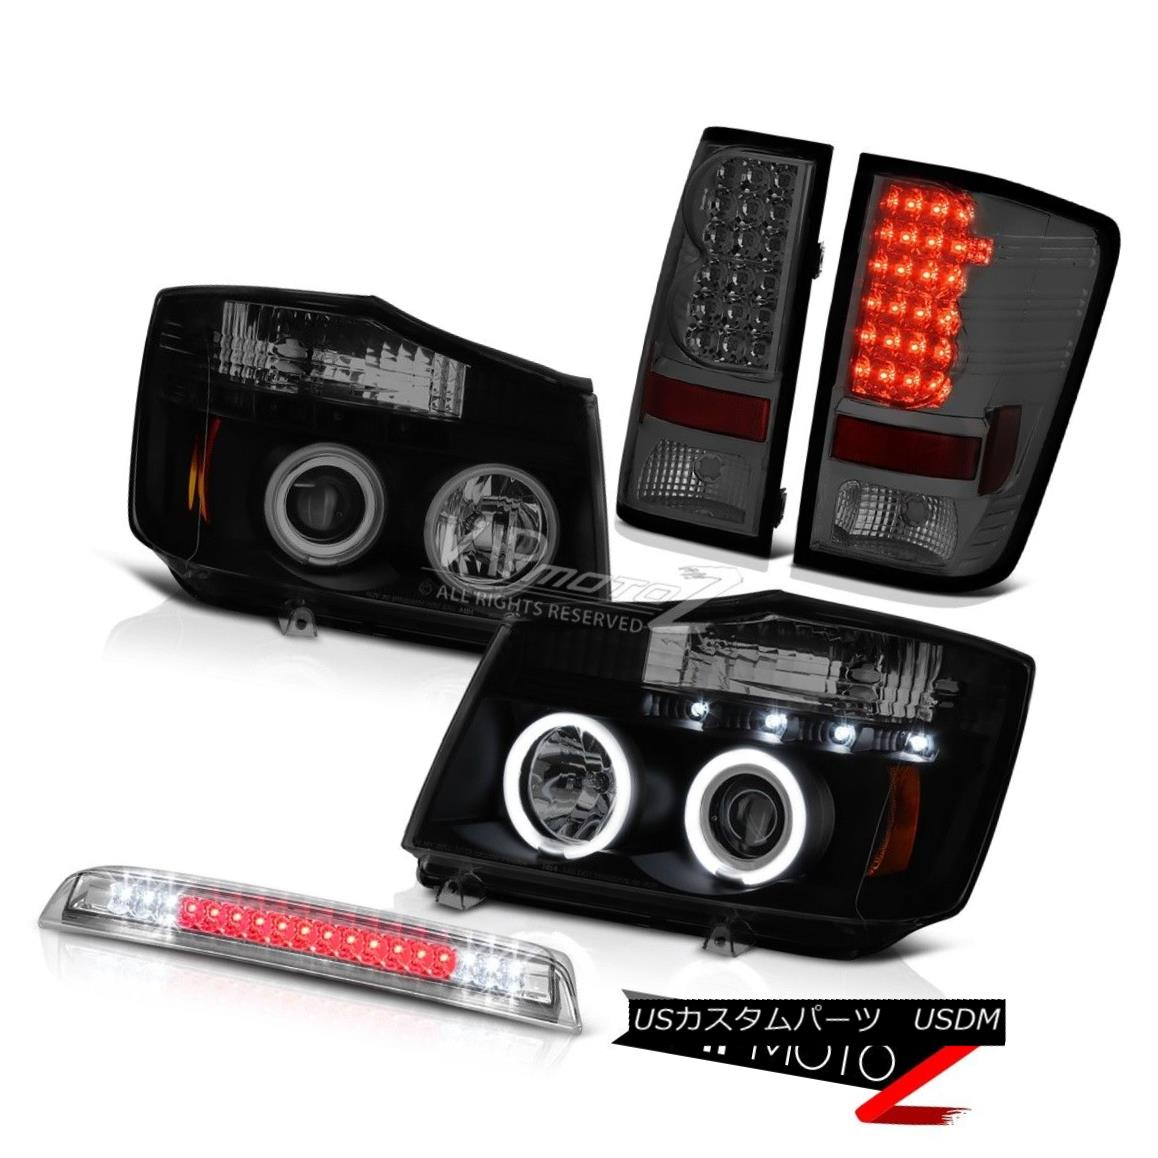 ヘッドライト CCFL Projector Headlight Smoke Tail Light LED High Brake For 2004-2015 Titan 4X4 CCFLプロジェクターヘッドライト煙テールライトLEDハイブレーブ2004-2015タイタン4X4用